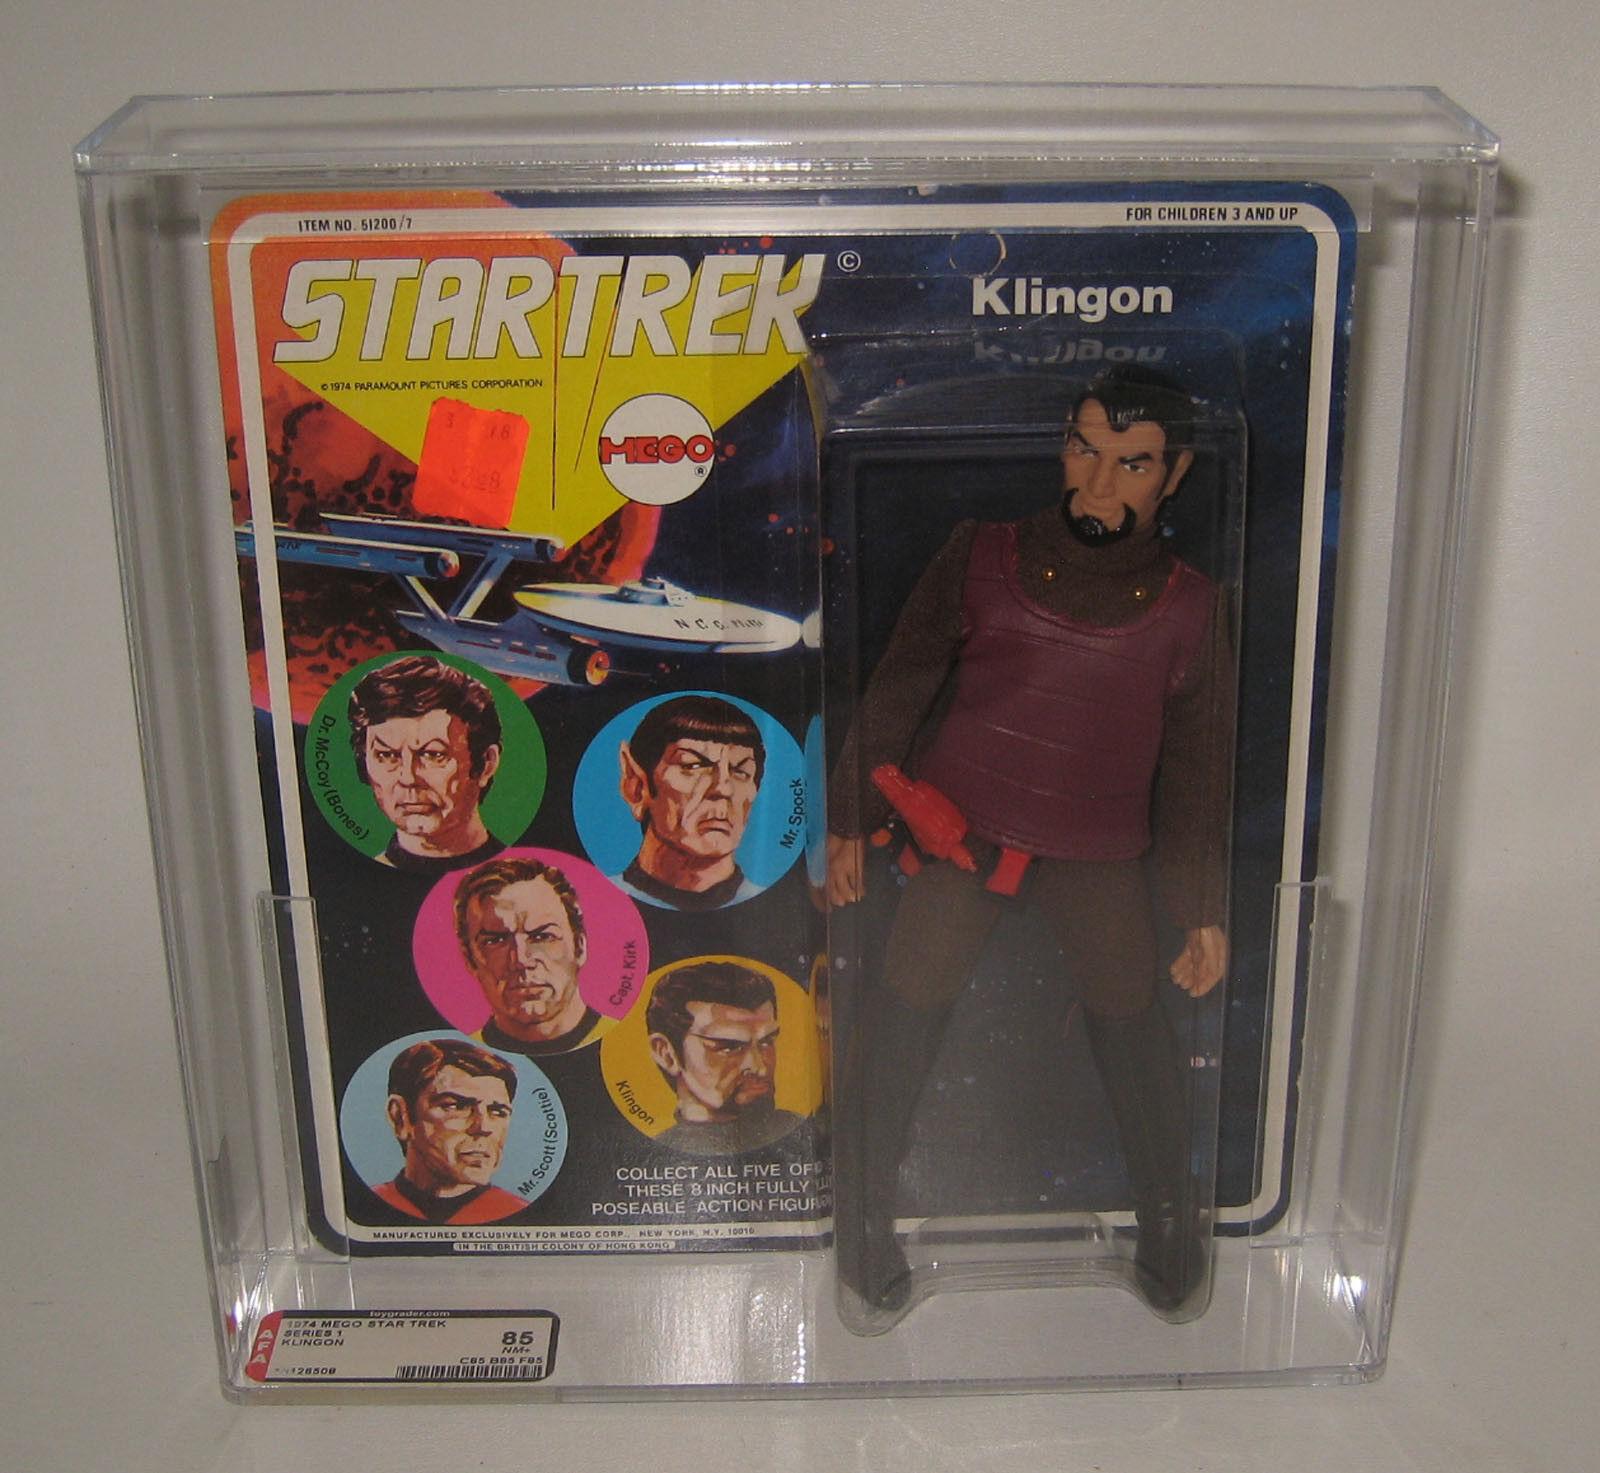 1st Issue 1974 Mego Star Trek TOS Klingon Action Figure MOC 5 Faces AFA 85 NM+